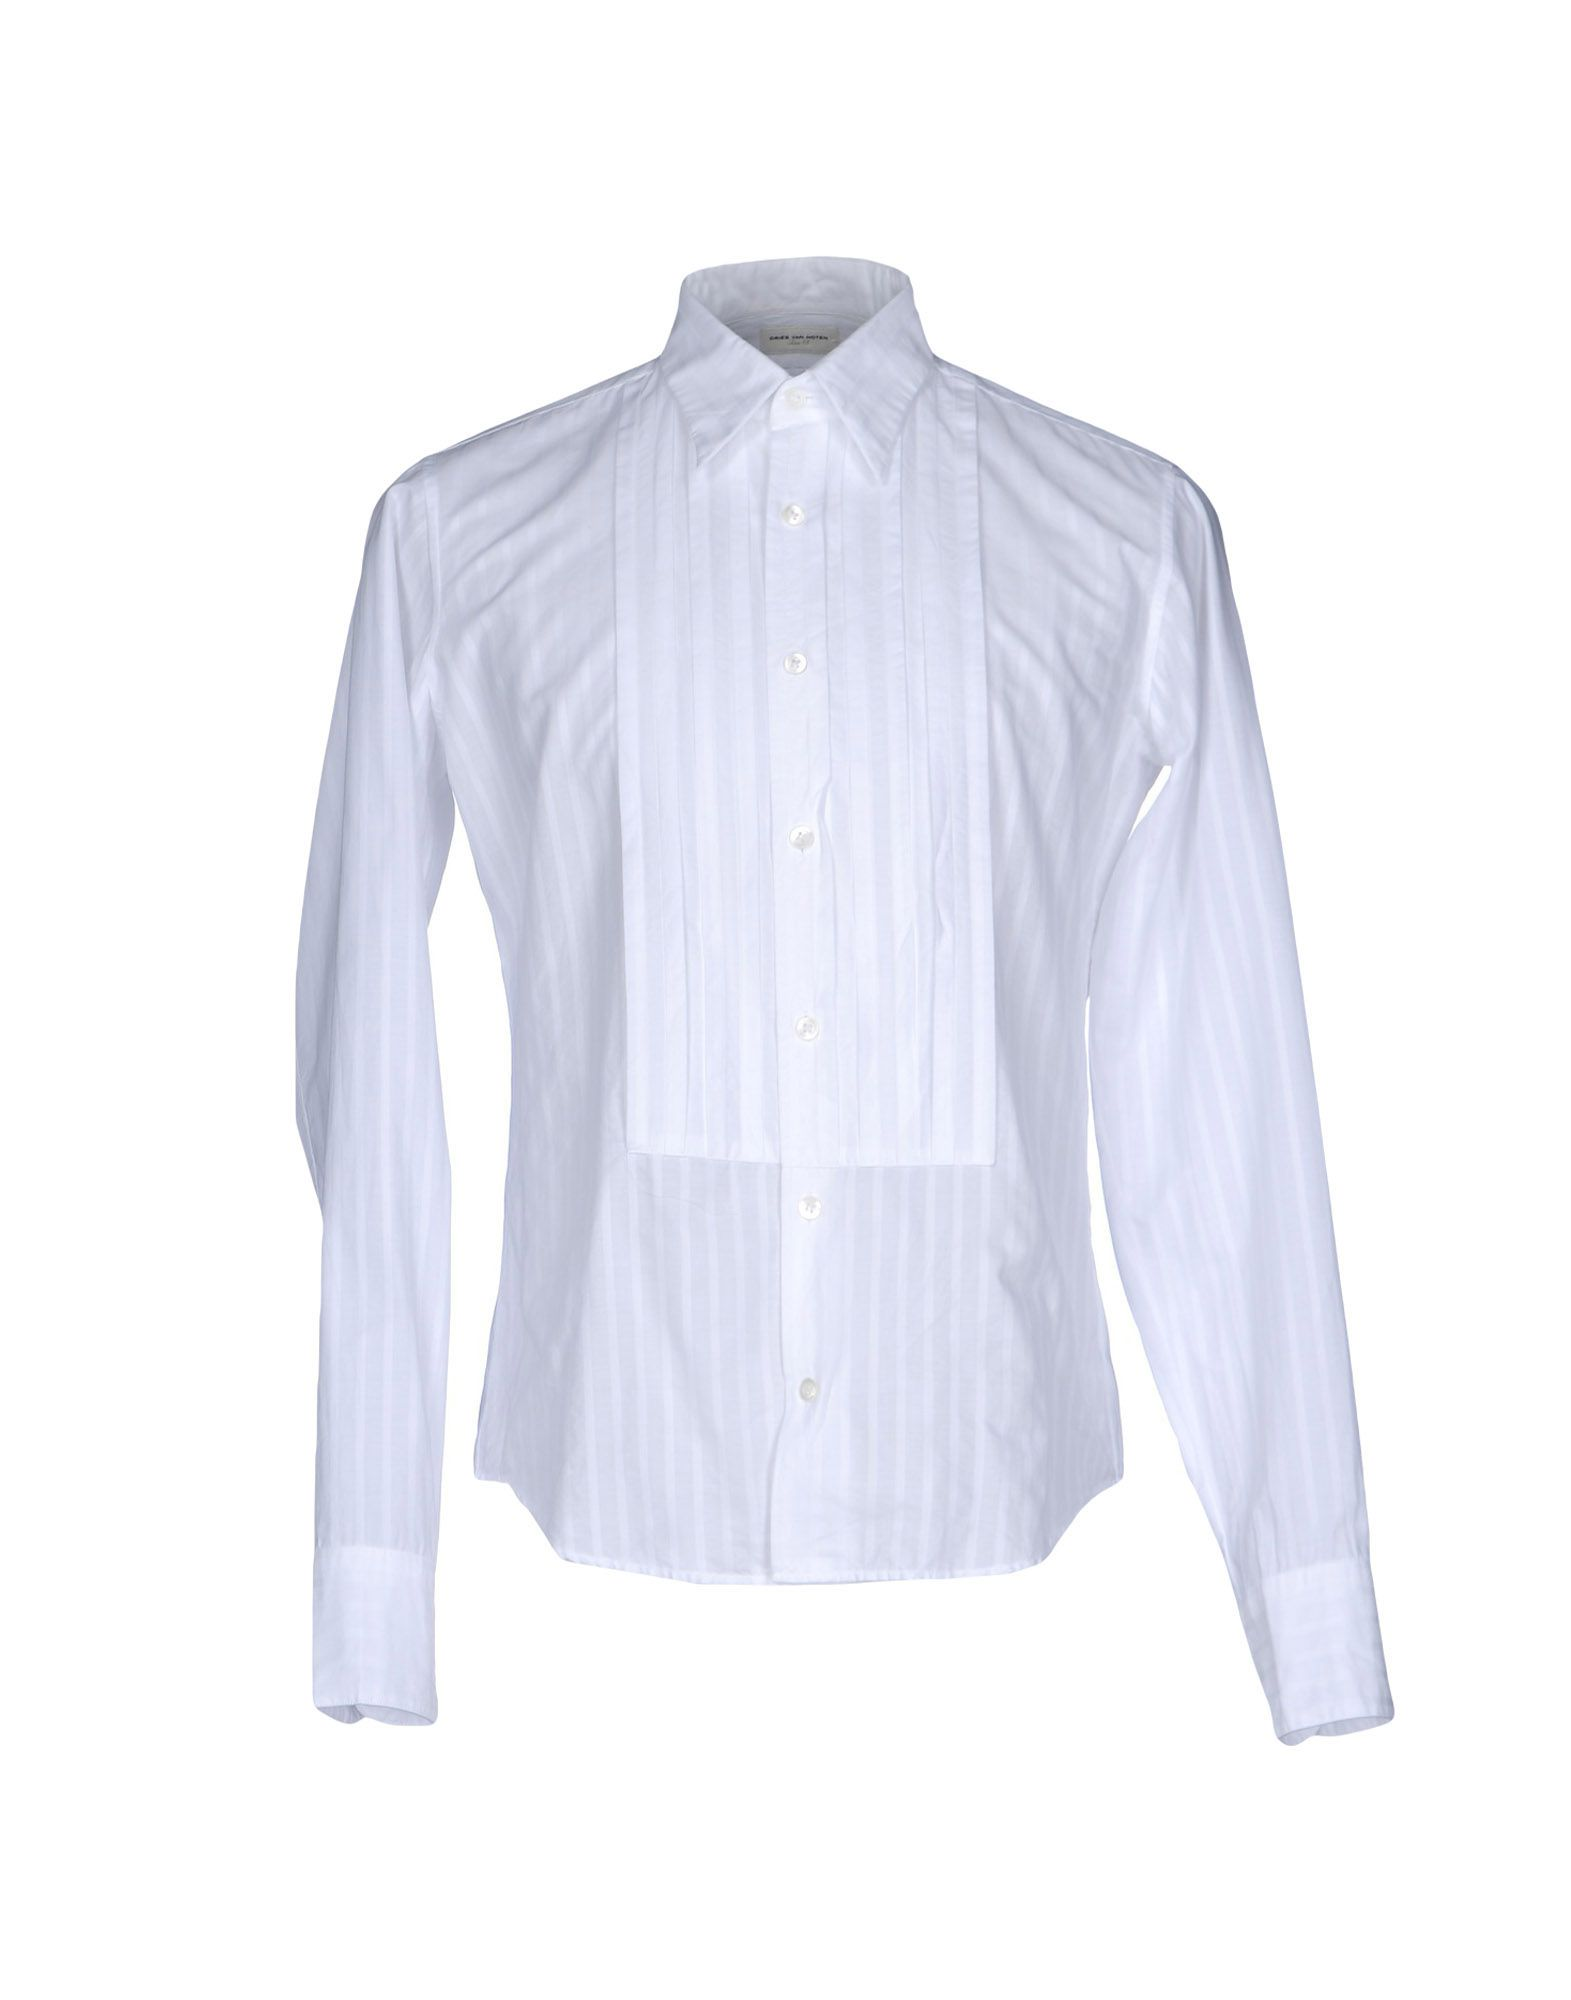 DRIES VAN NOTEN Herren Hemd Farbe Weiß Größe 4 - broschei